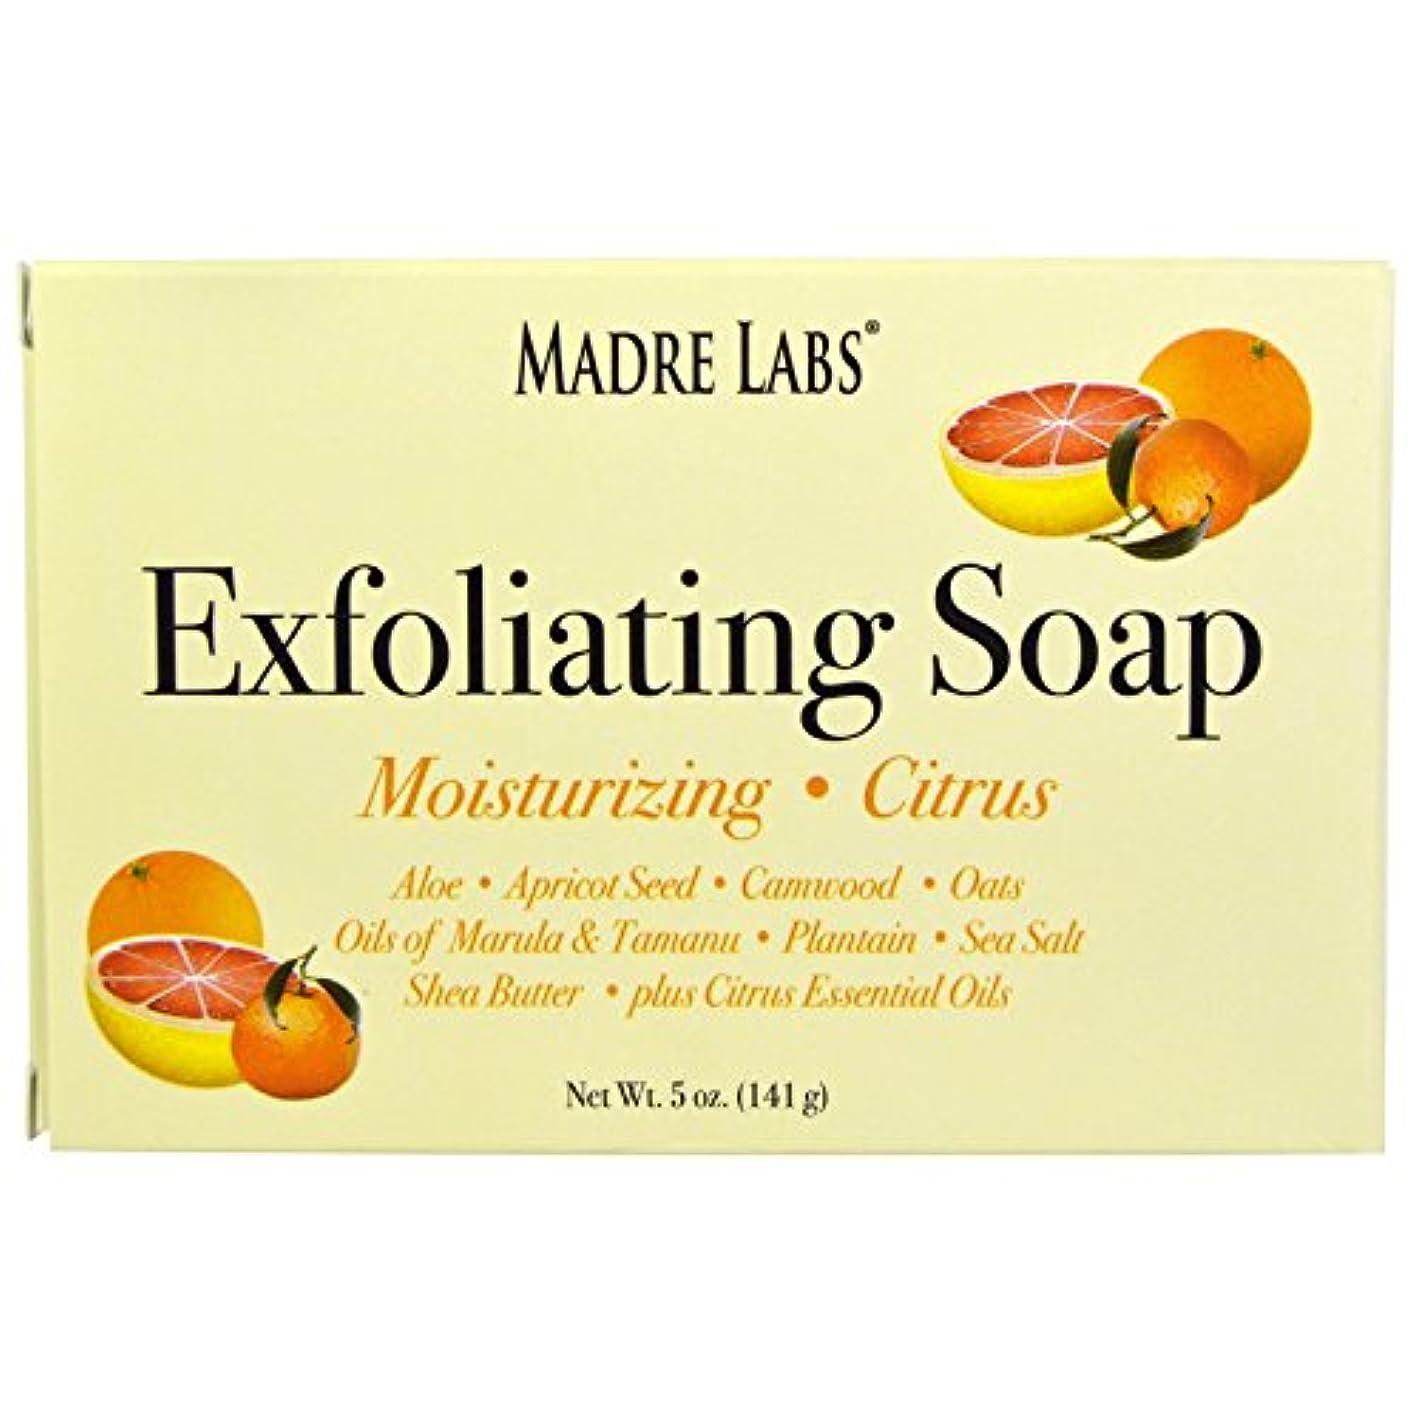 うねる無駄な連隊マドレラブ シアバター入り石鹸 柑橘フレーバー Madre Labs Exfoliating Soap Bar with Marula & Tamanu Oils plus Shea Butter